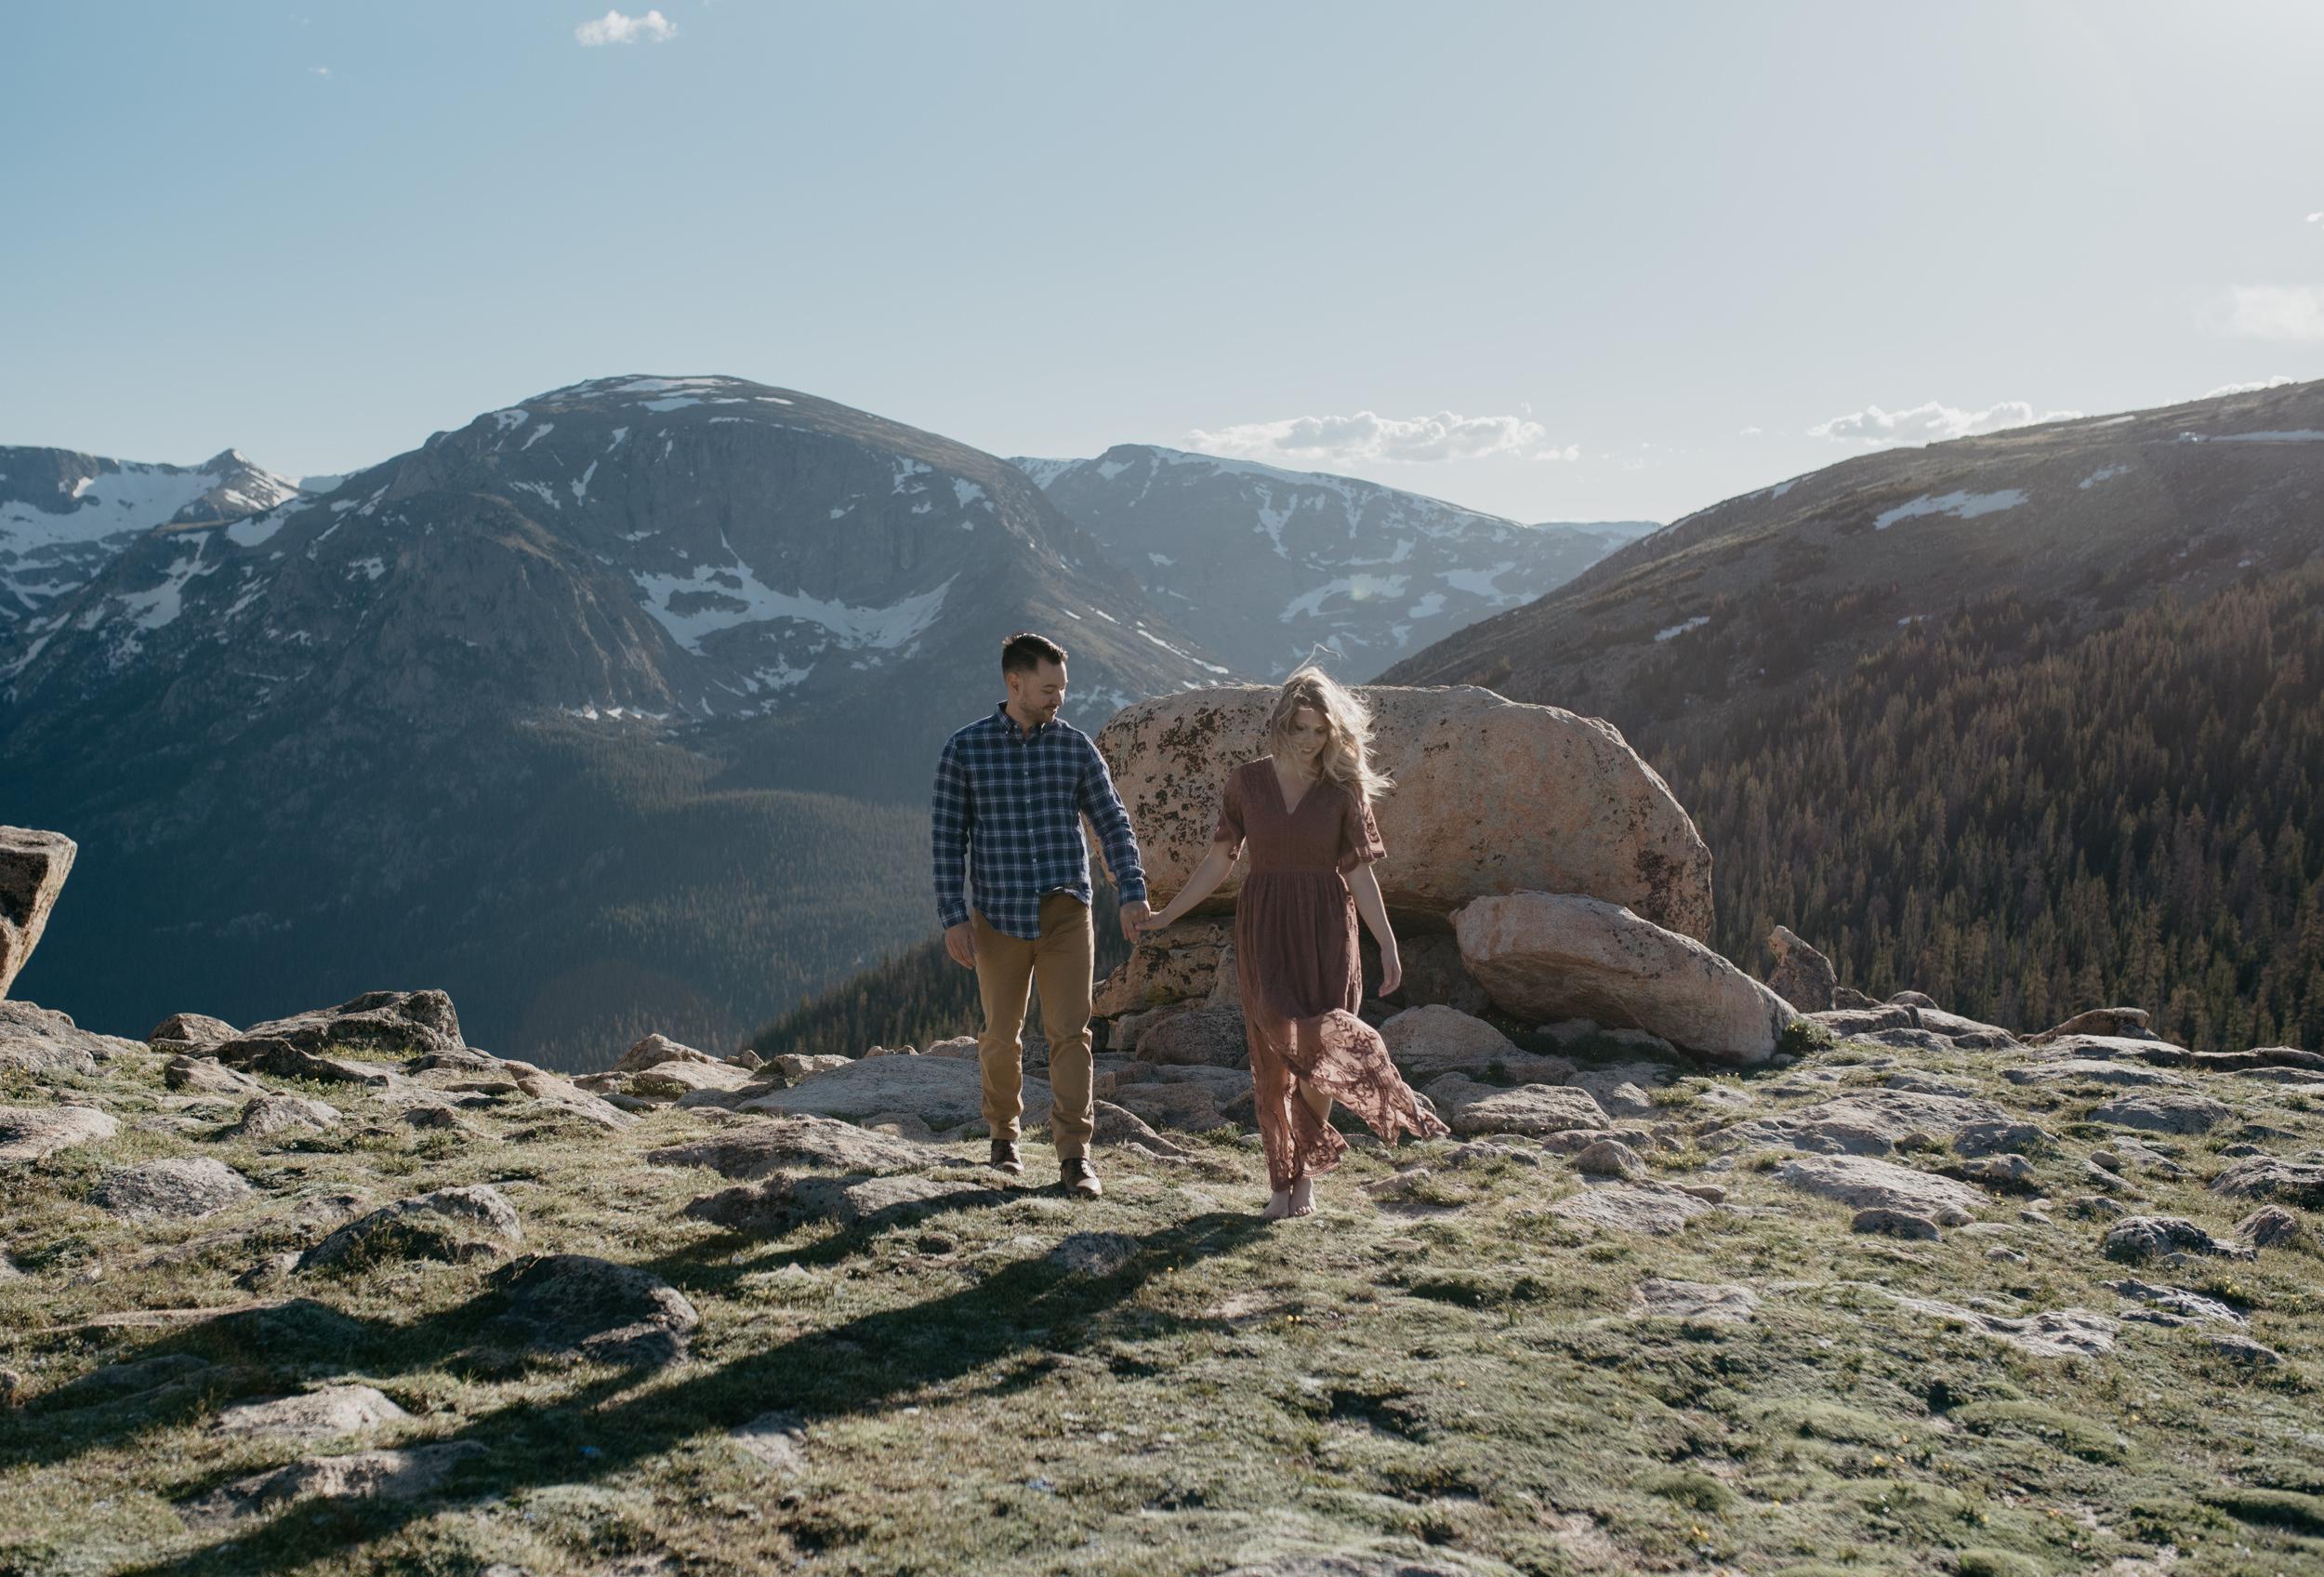 Adventure elopement photos in Colorado